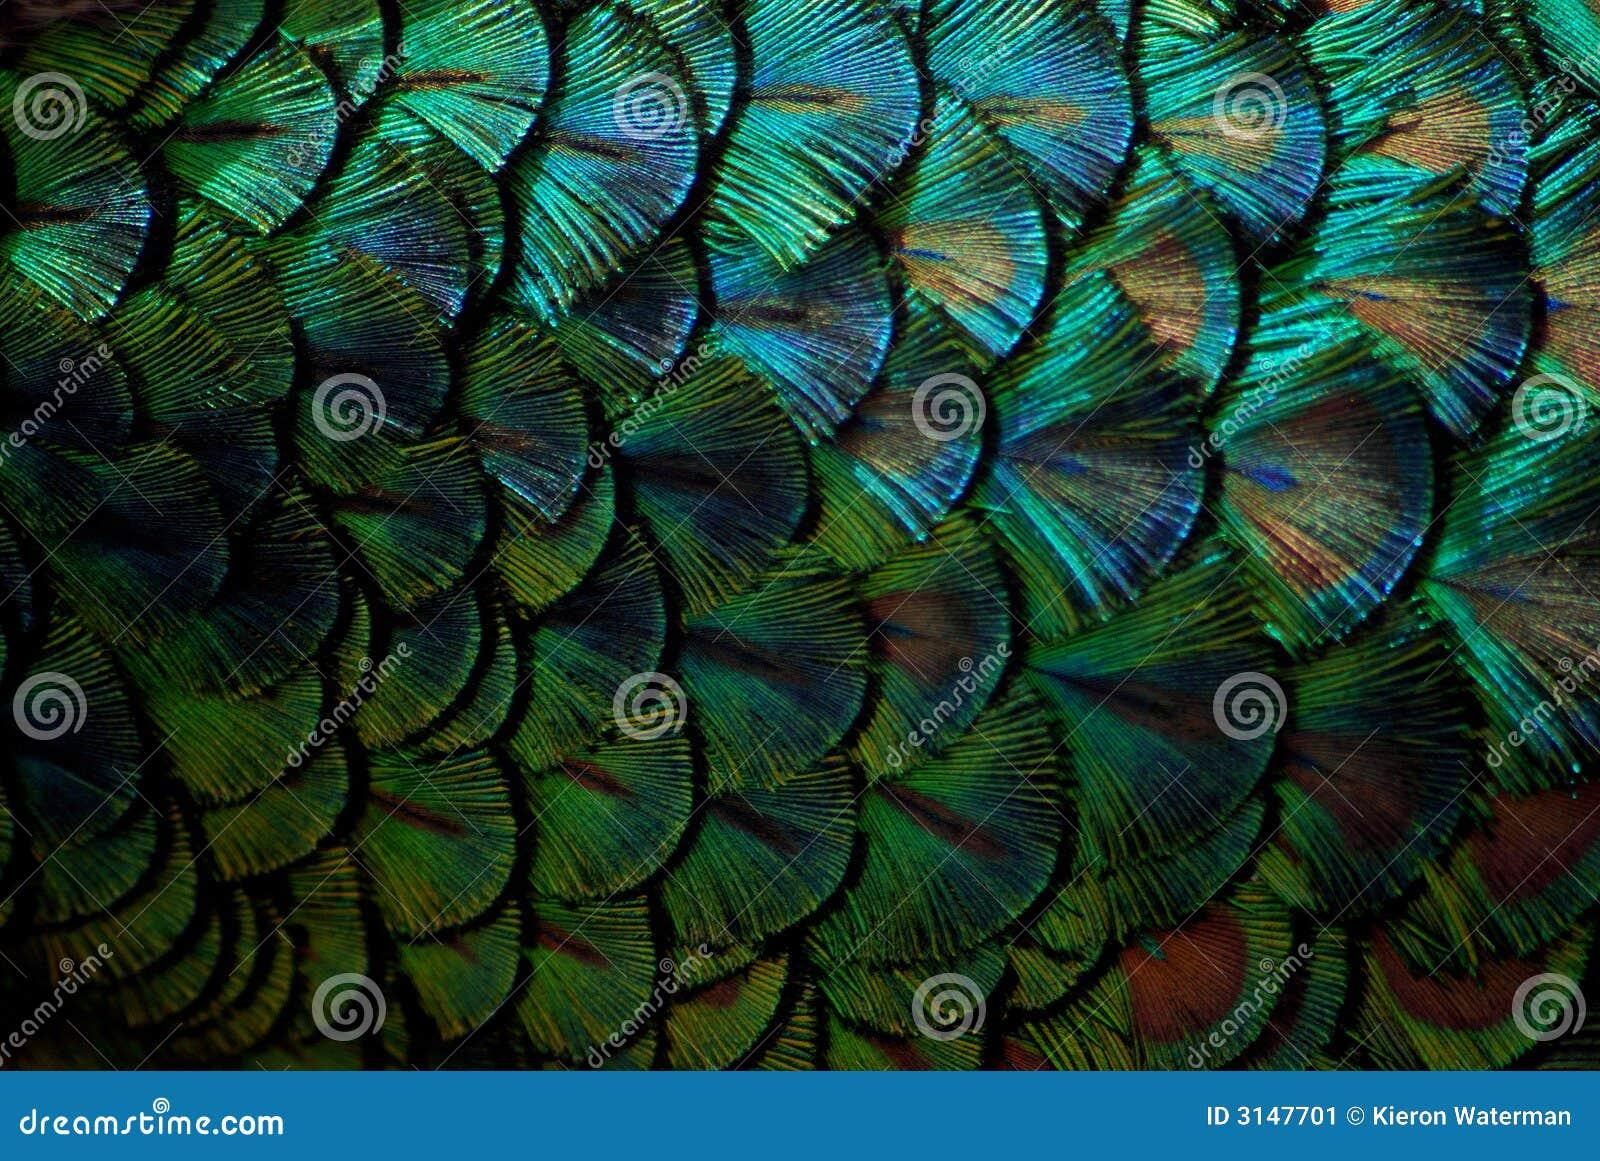 Piume del pavone nella macro